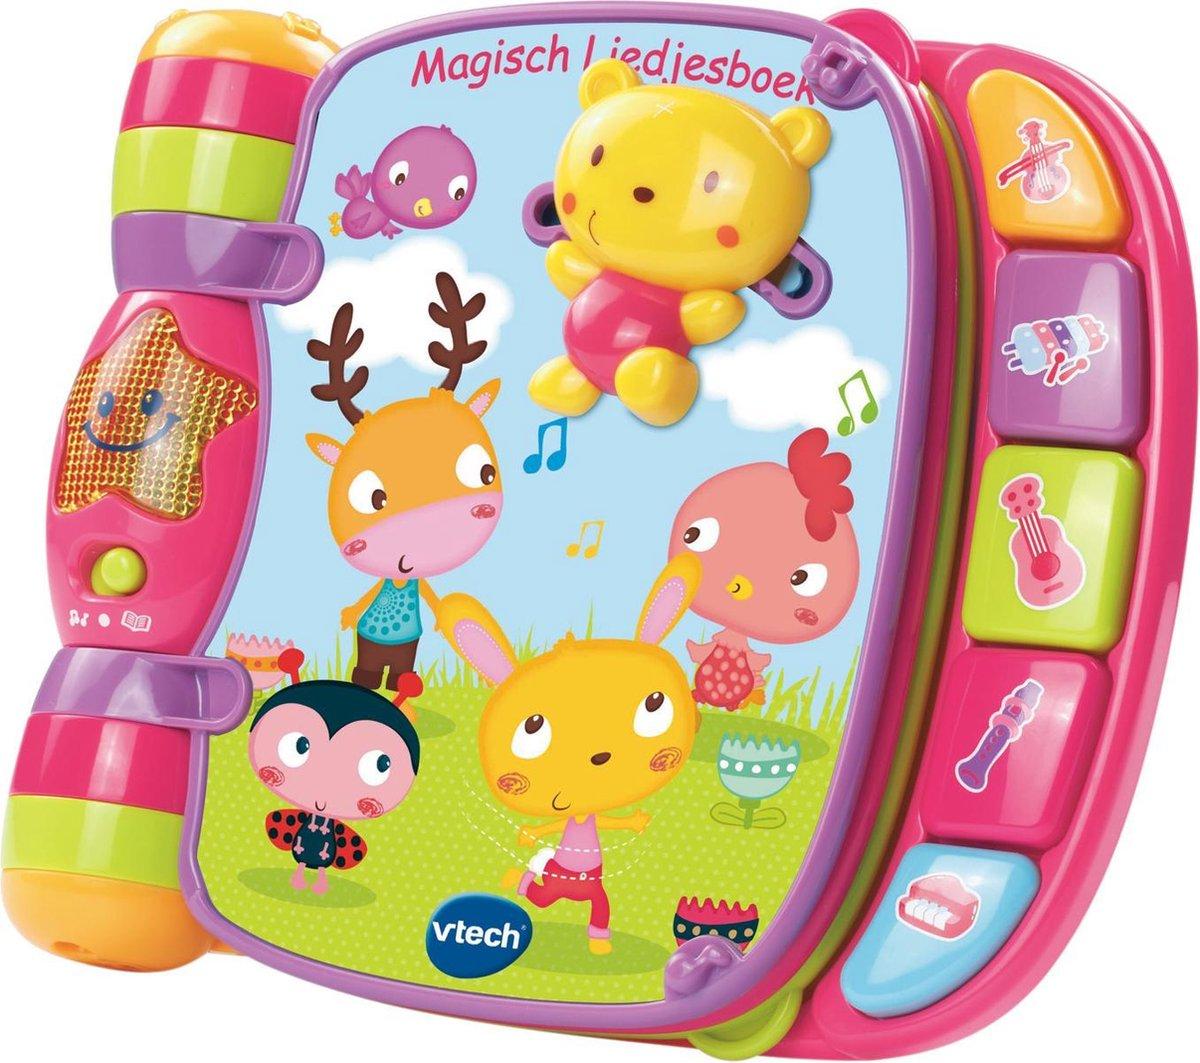 VTech Baby Magisch Liedjesboek - Roze - Educatief Babyspeelgoed